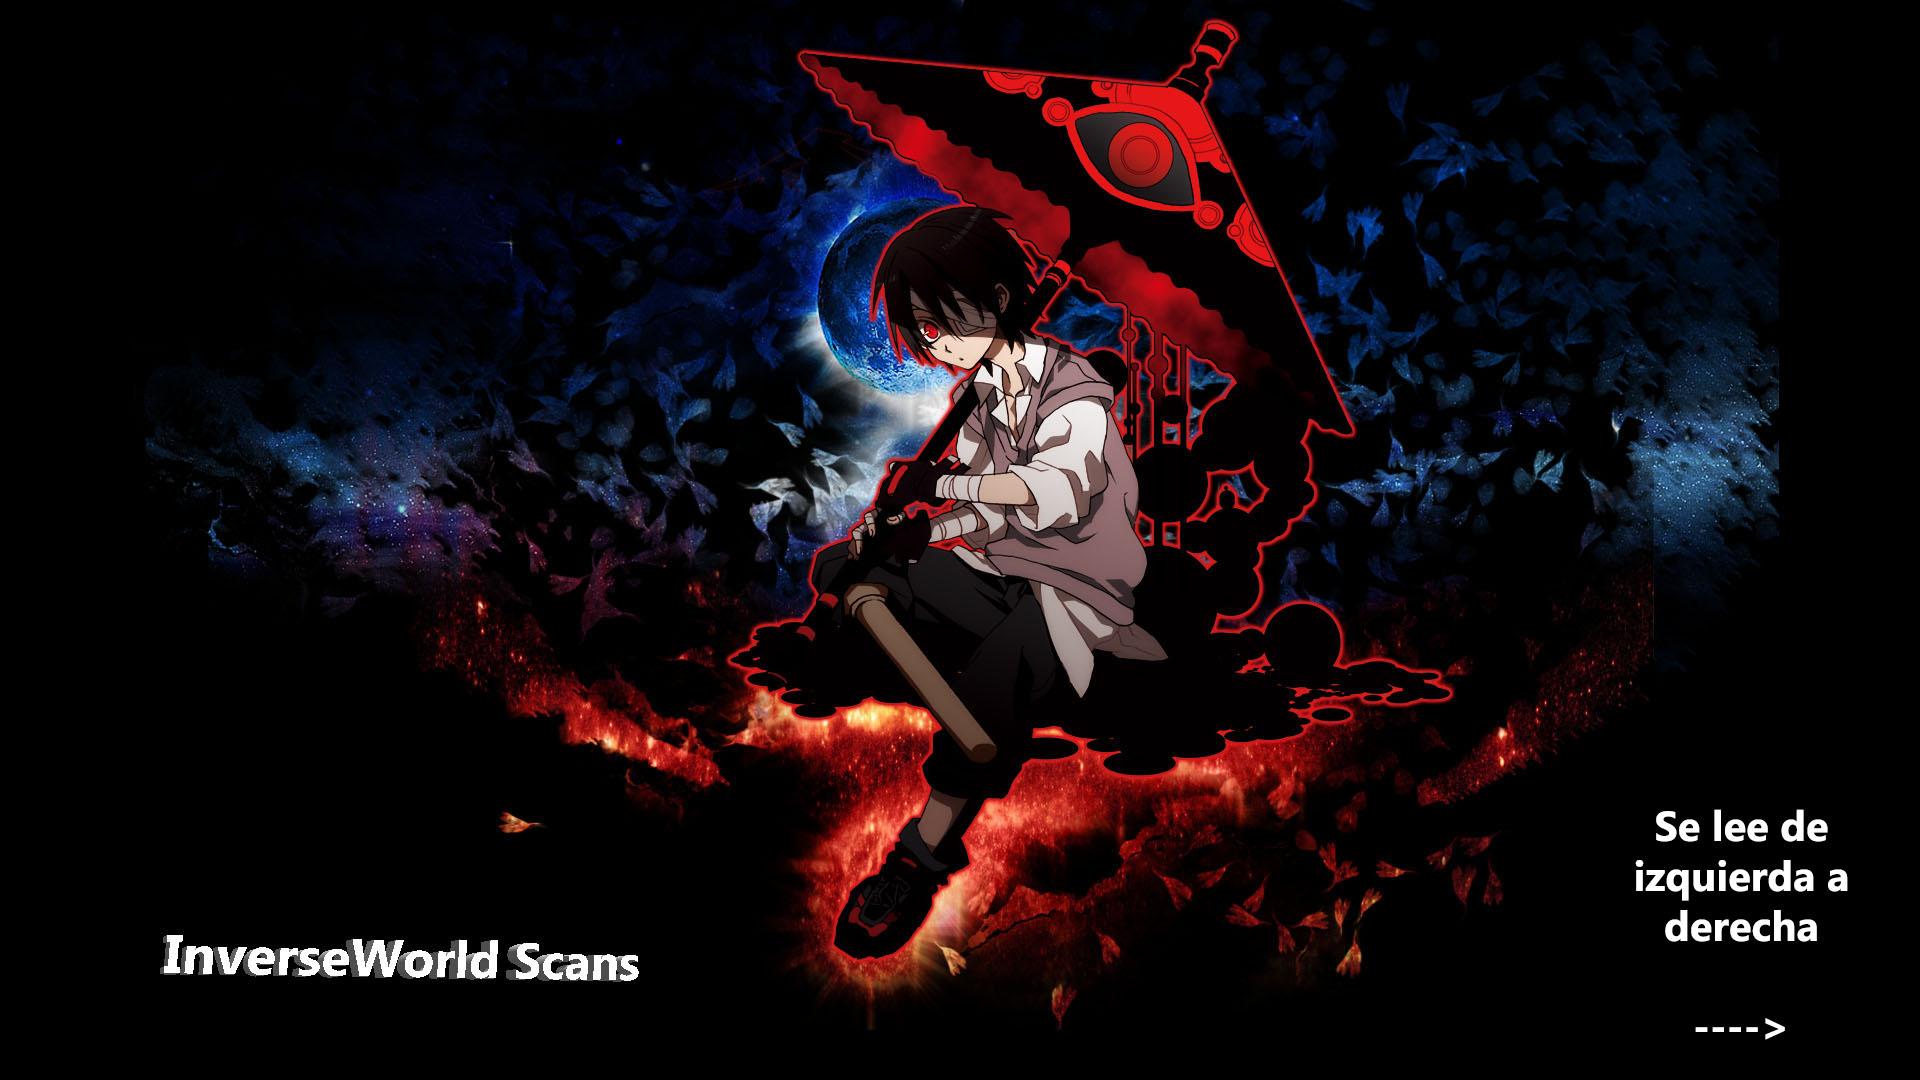 https://c5.mangatag.com/es_manga/10/14602/395563/f23b3df742bb9fbf6bbf30a05150ac19.jpg Page 1